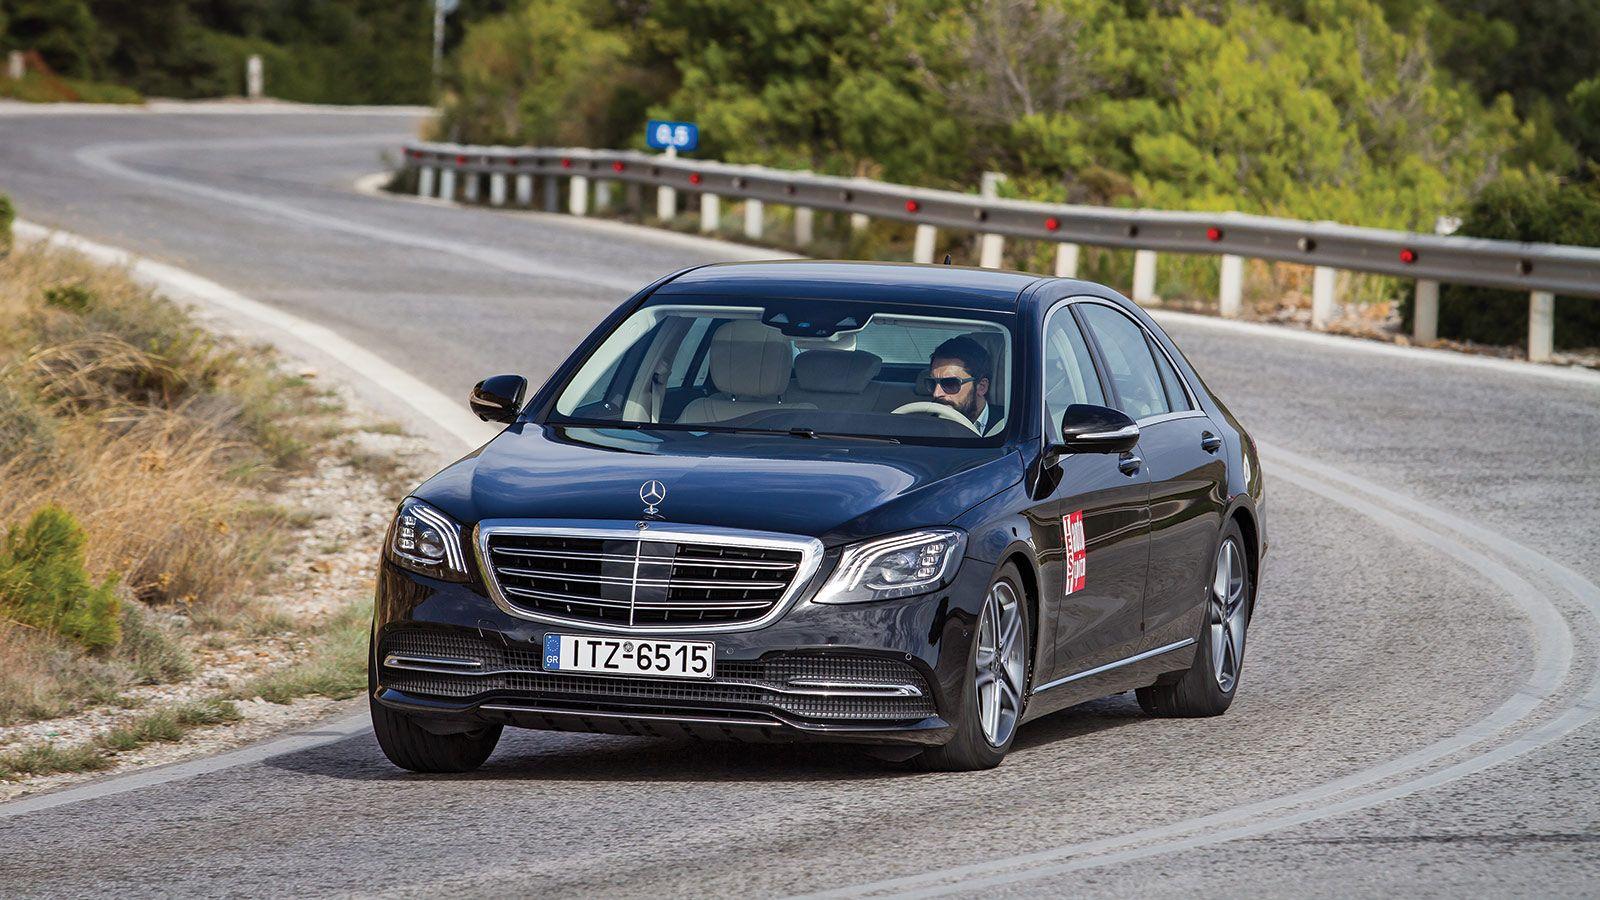 Δοκιμή  Mercedes S-Class Δοκιμή  Mercedes S-Class - mercedes d3ce9d0b929